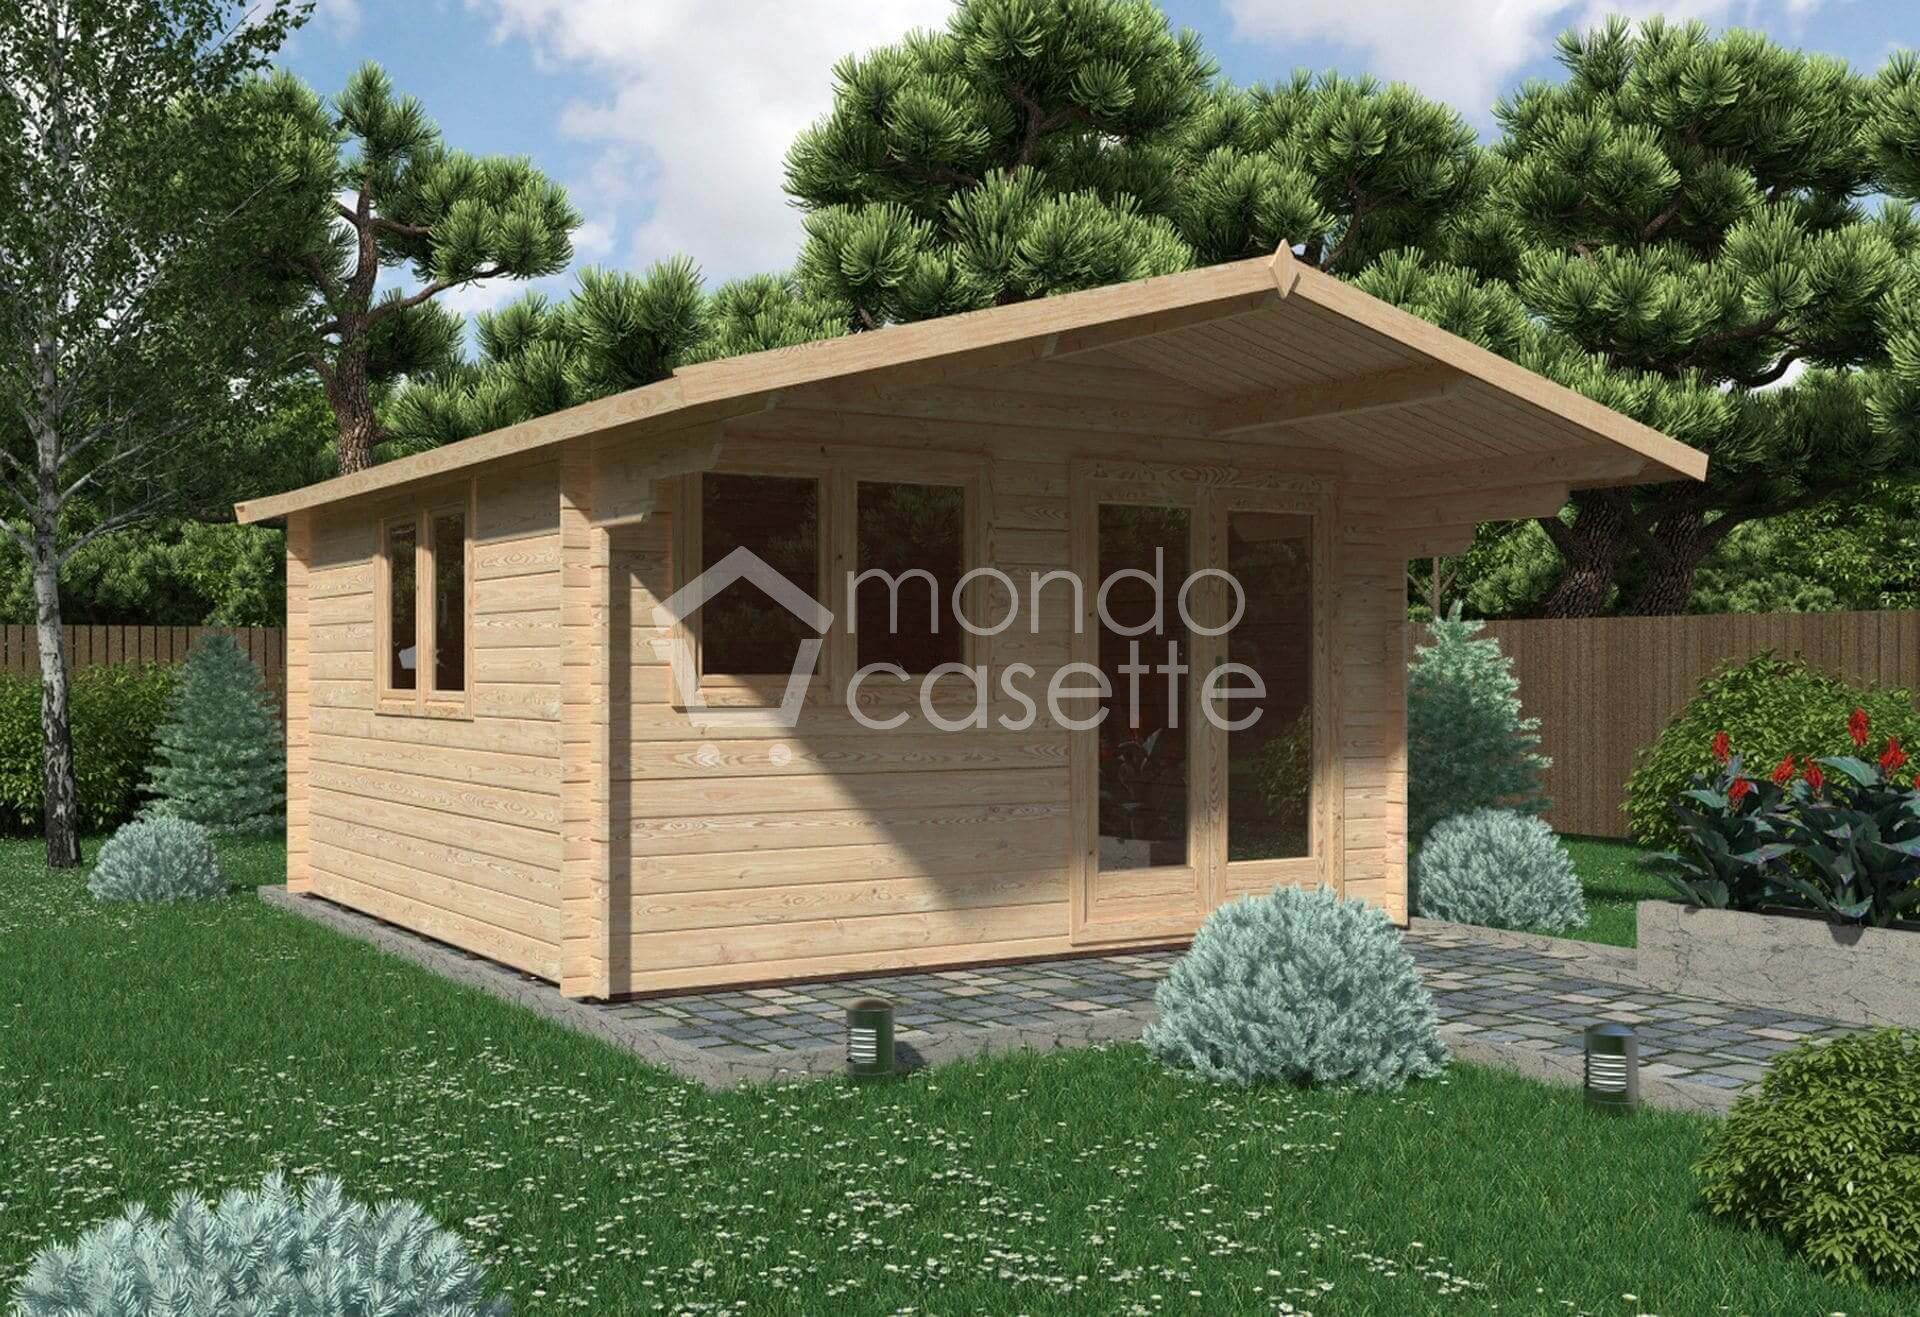 Casetta in legno Bologna - 4x4 - pareti da 28 mm